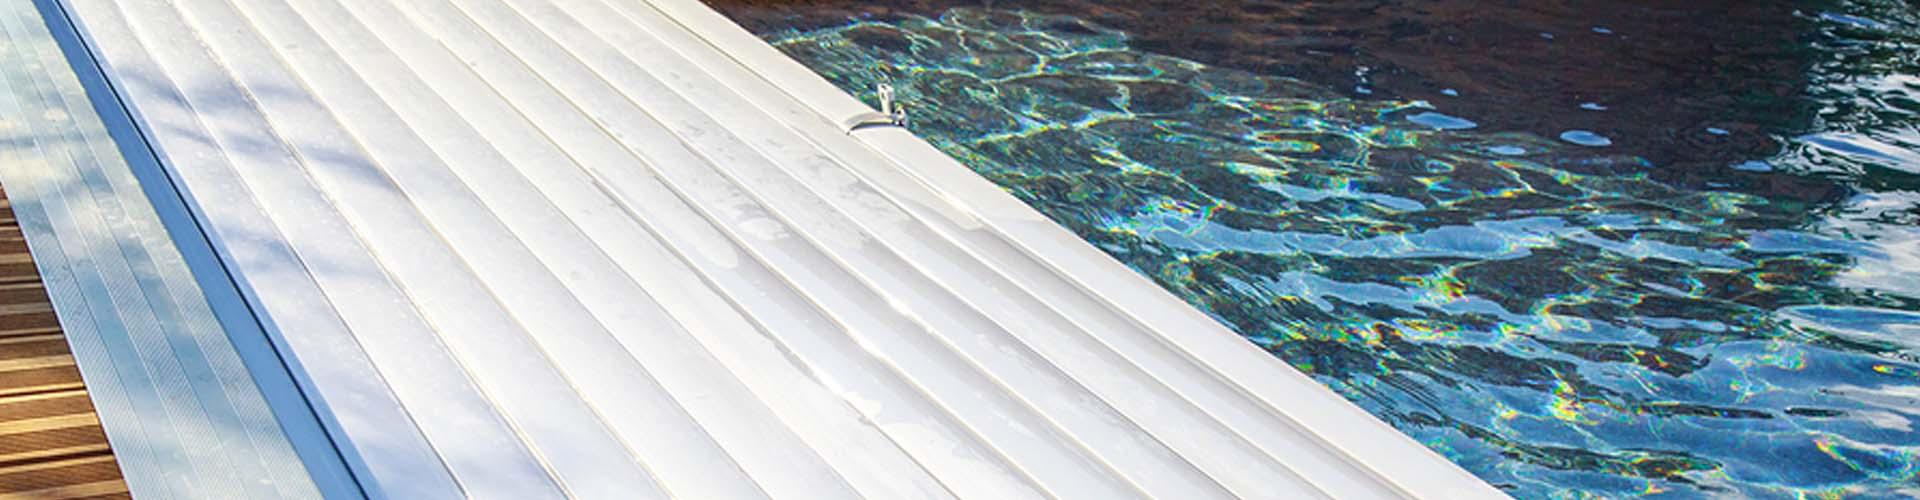 Abdeckung für den Pool